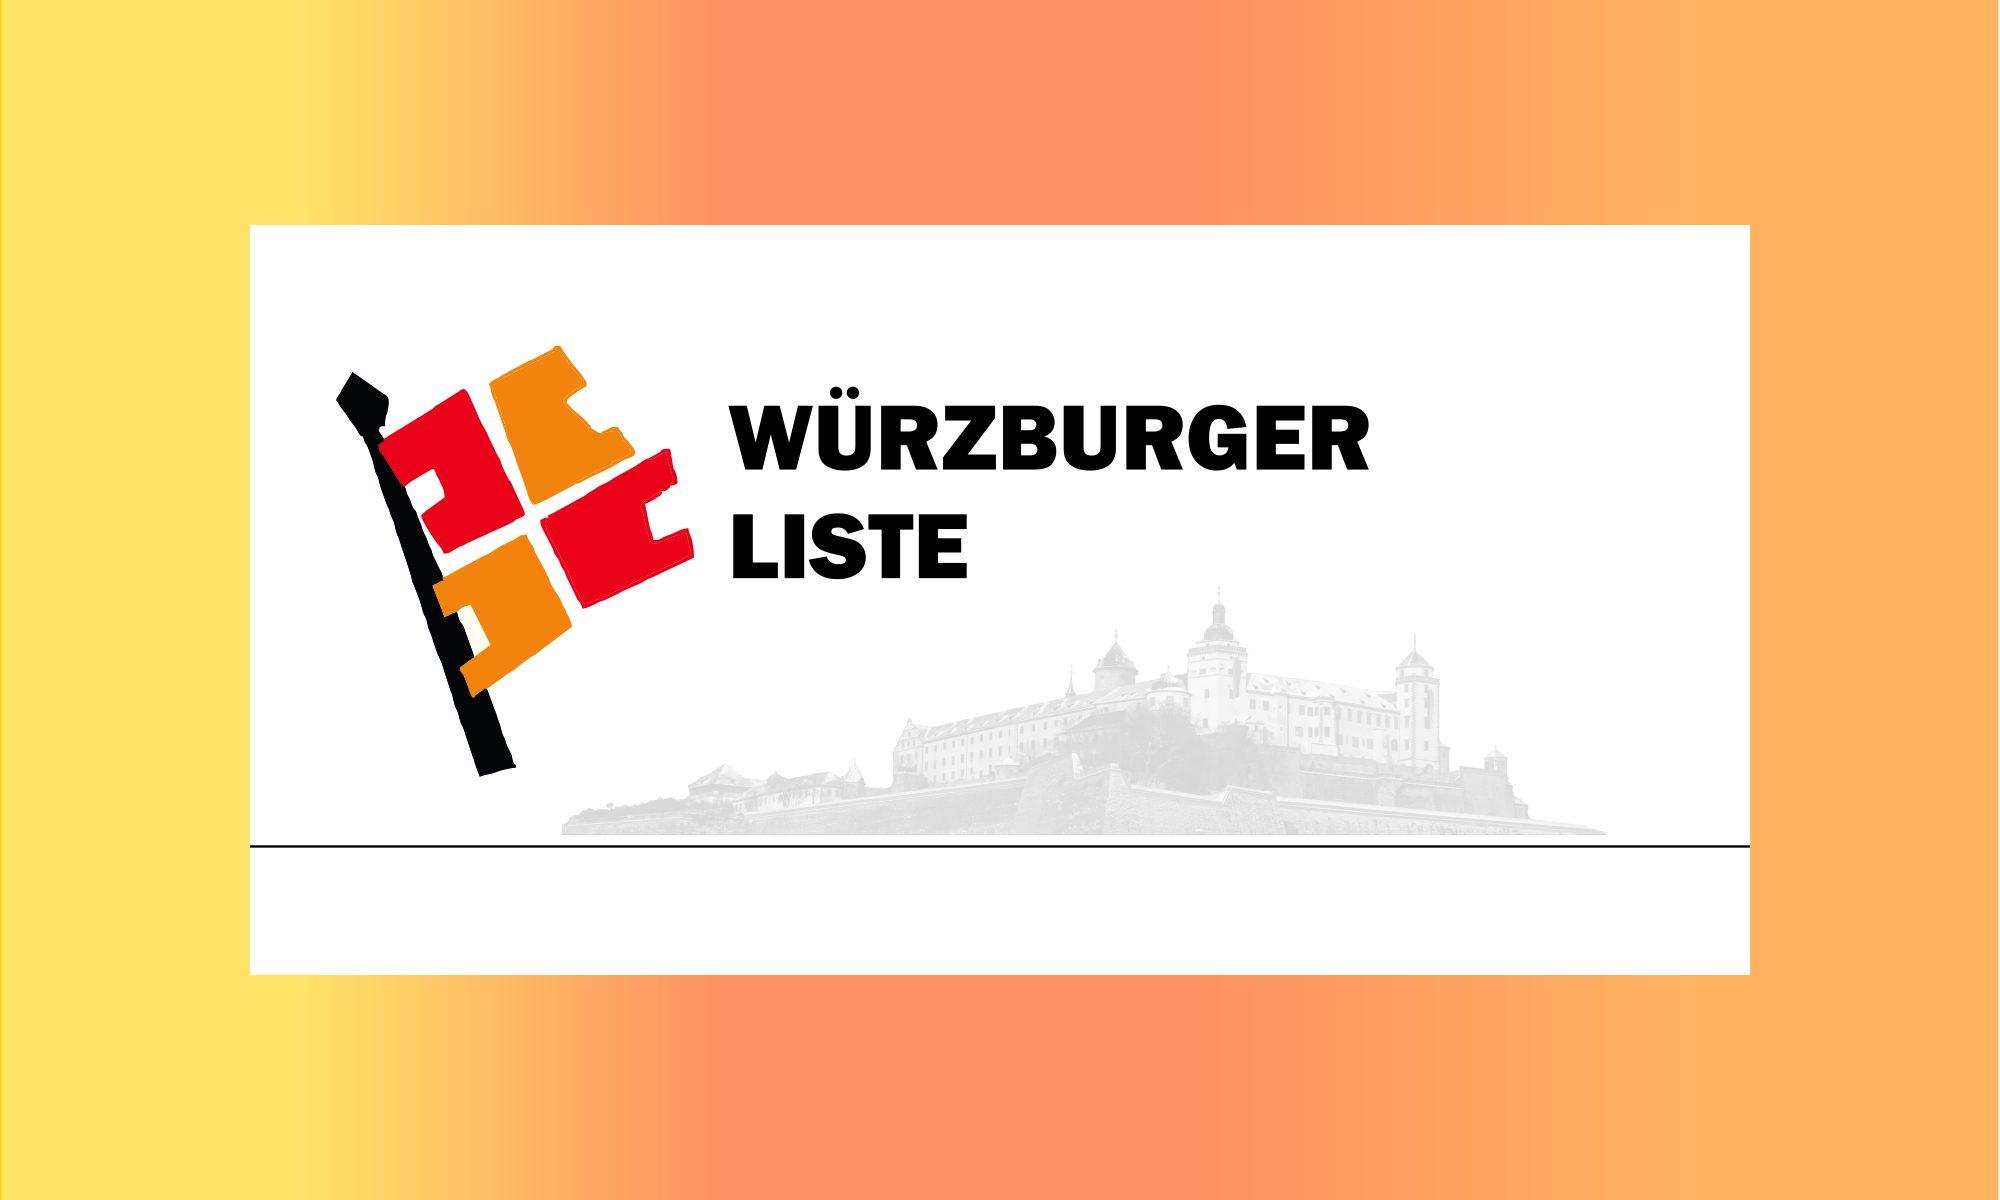 WÜRZBURGER LISTE e.V.